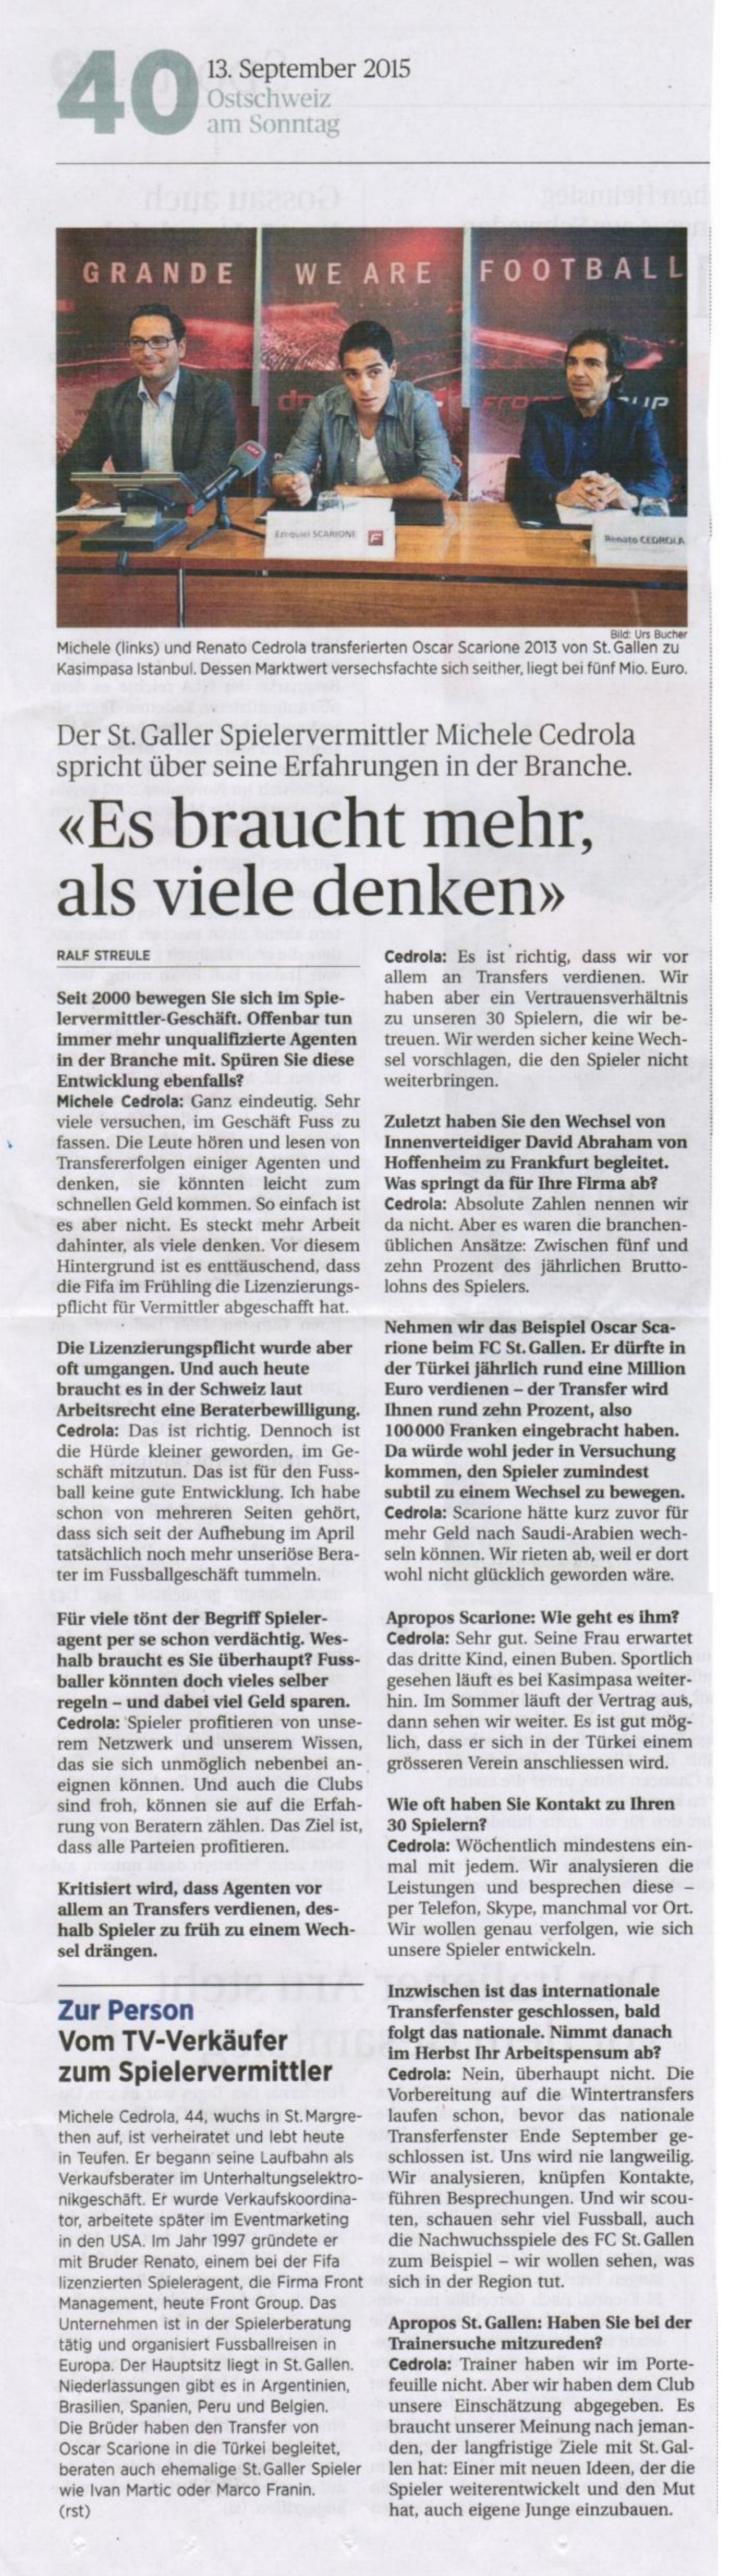 Ostschweiz am Sonntag - Es braucht mehr als viele denken - 13.09_001